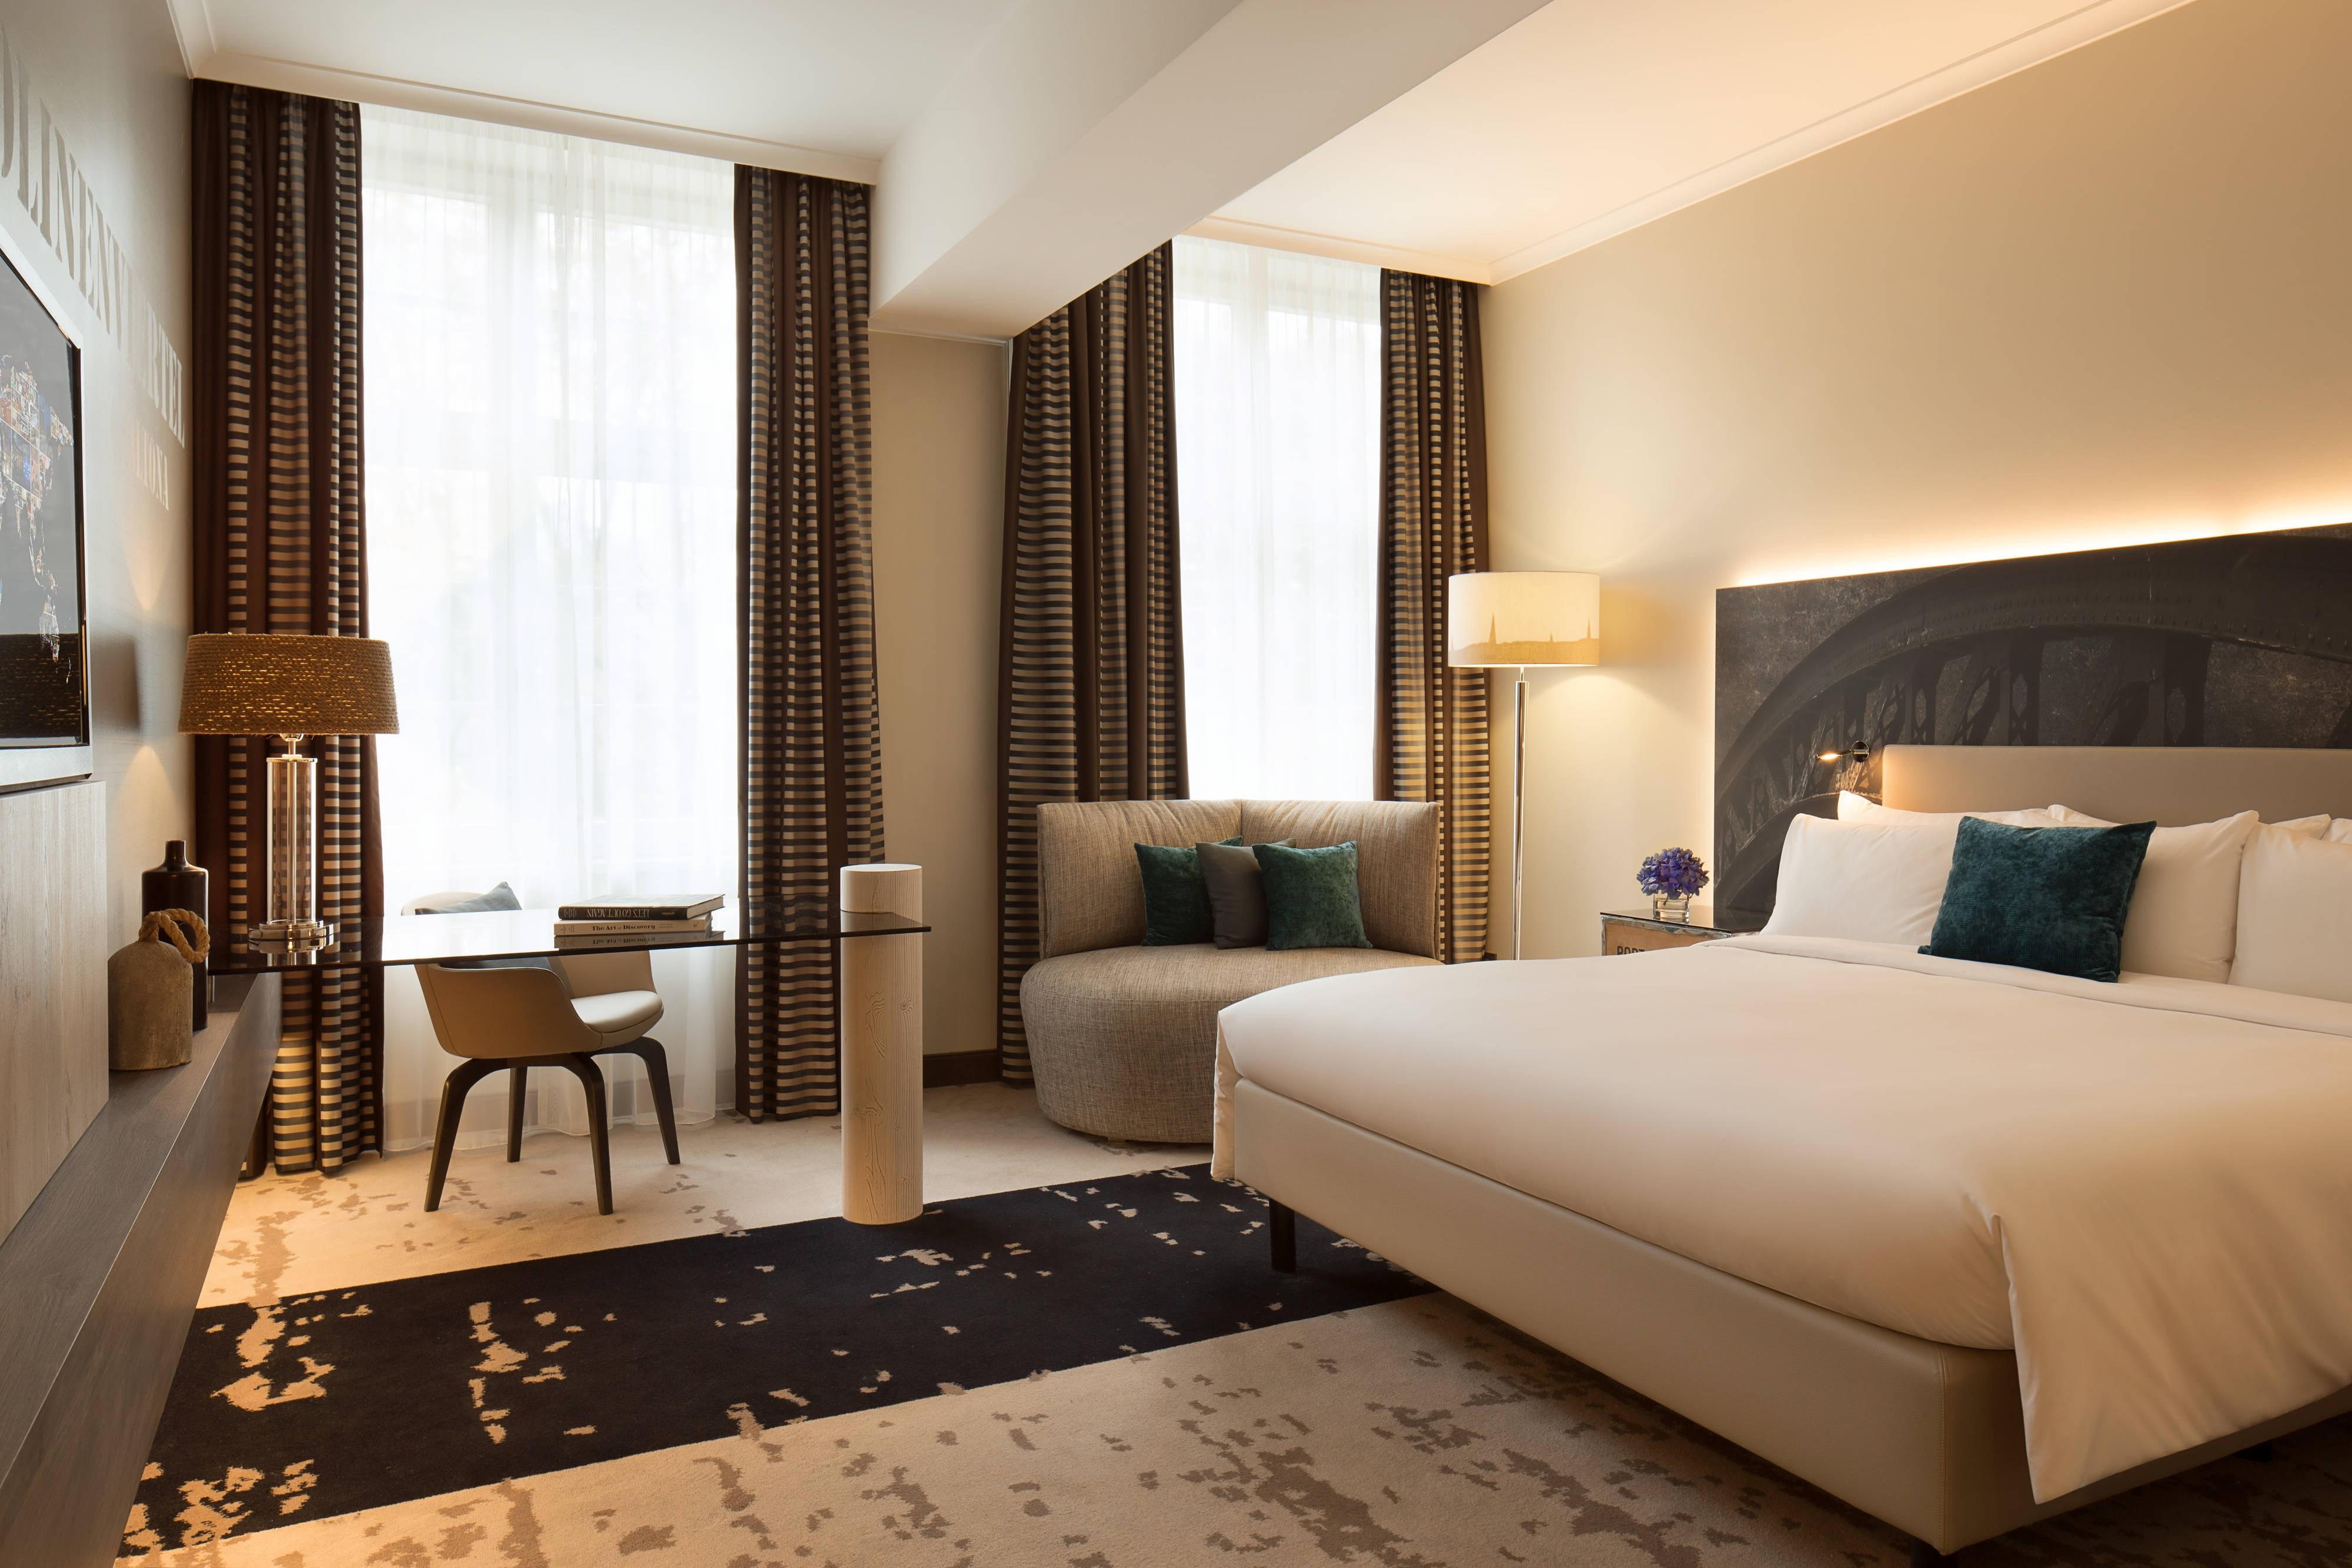 Deluxe-Gästezimmer in Hotel in Hamburg